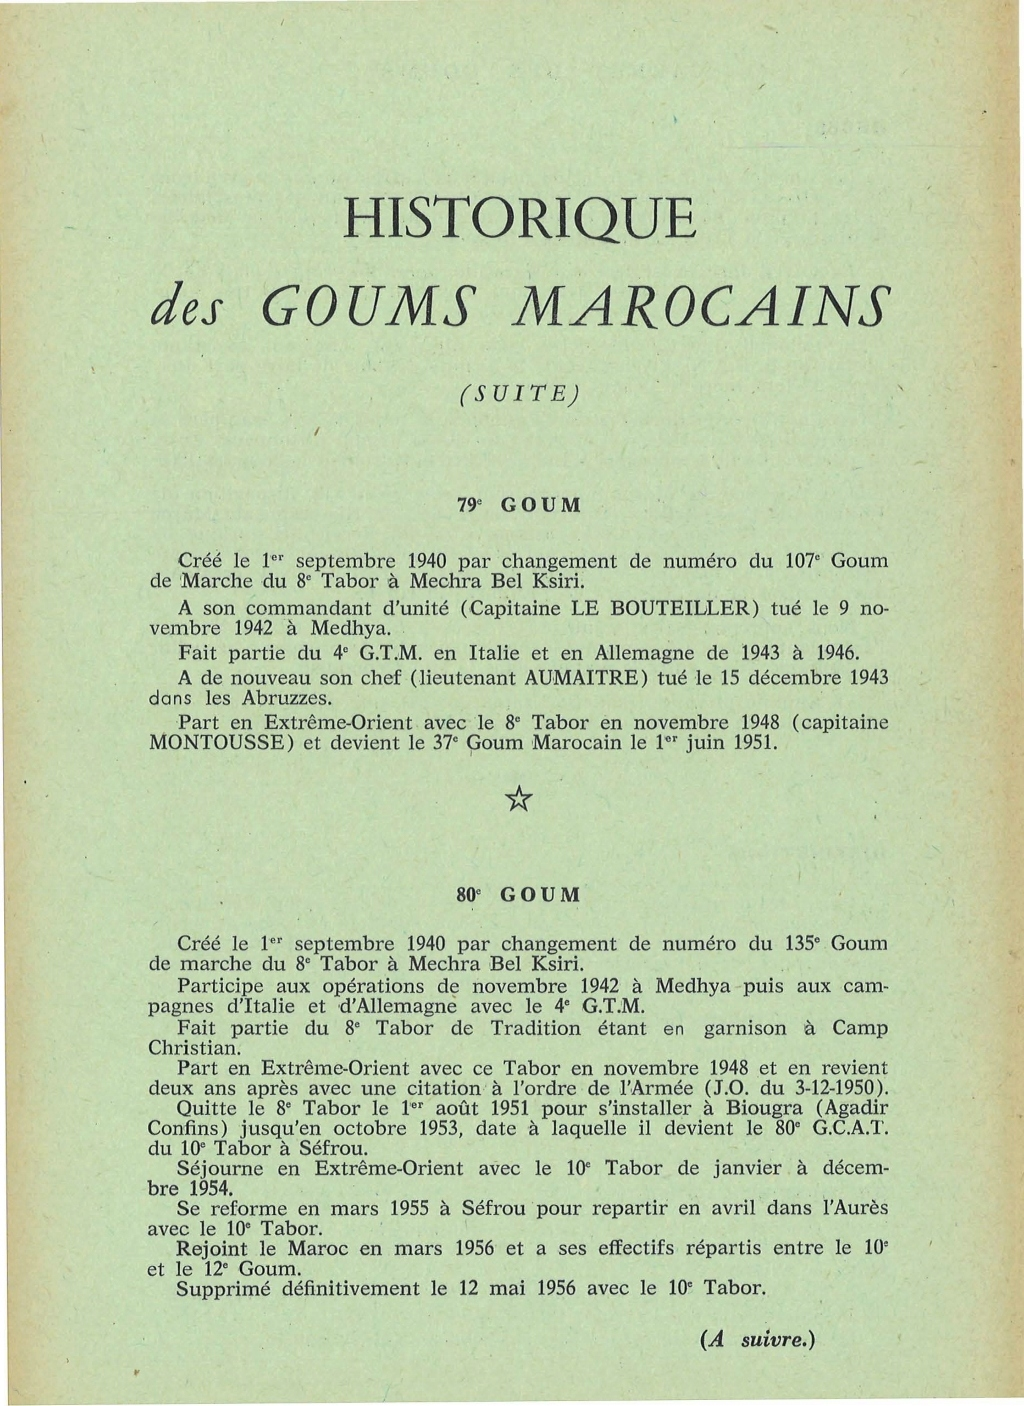 12 mai 1956 - Dissolution des Goumiers & integration aux FAR La_kou44